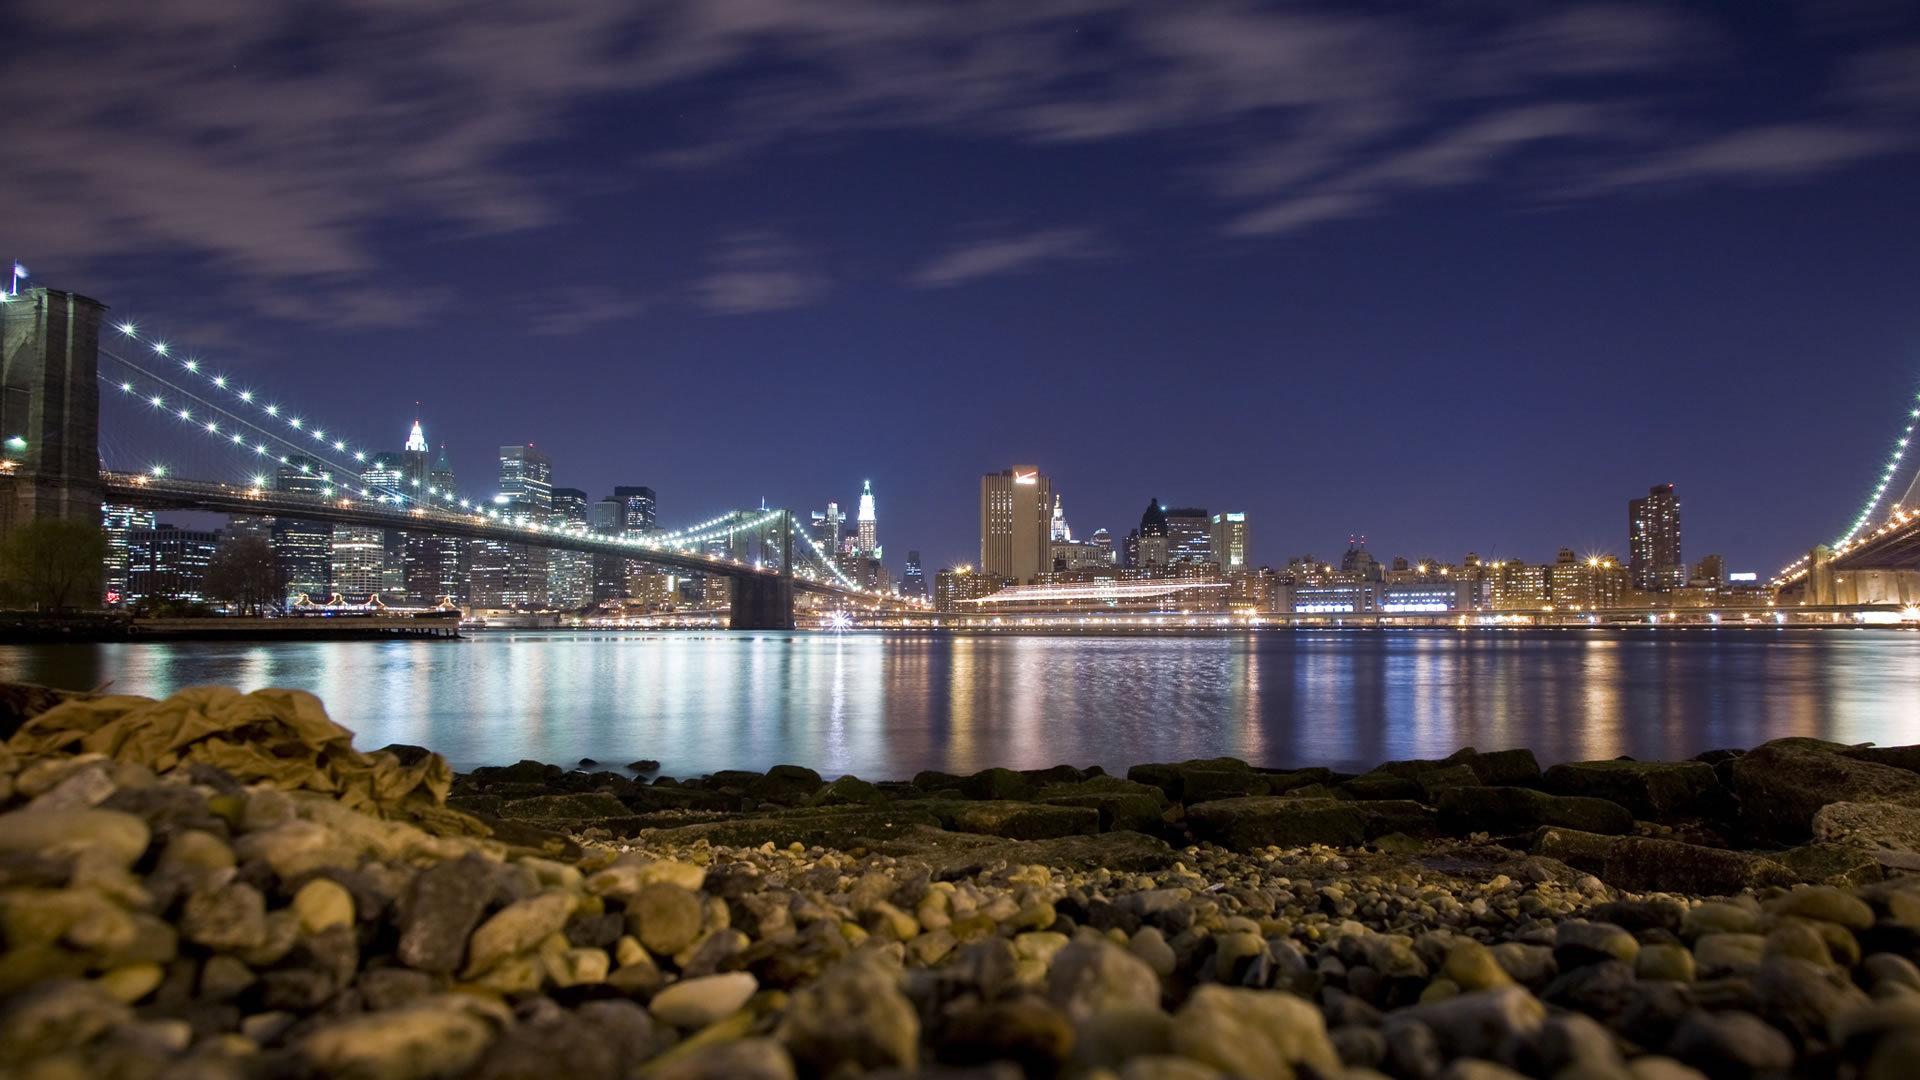 16500 скачать обои Пейзаж, Города, Река, Мосты, Ночь - заставки и картинки бесплатно